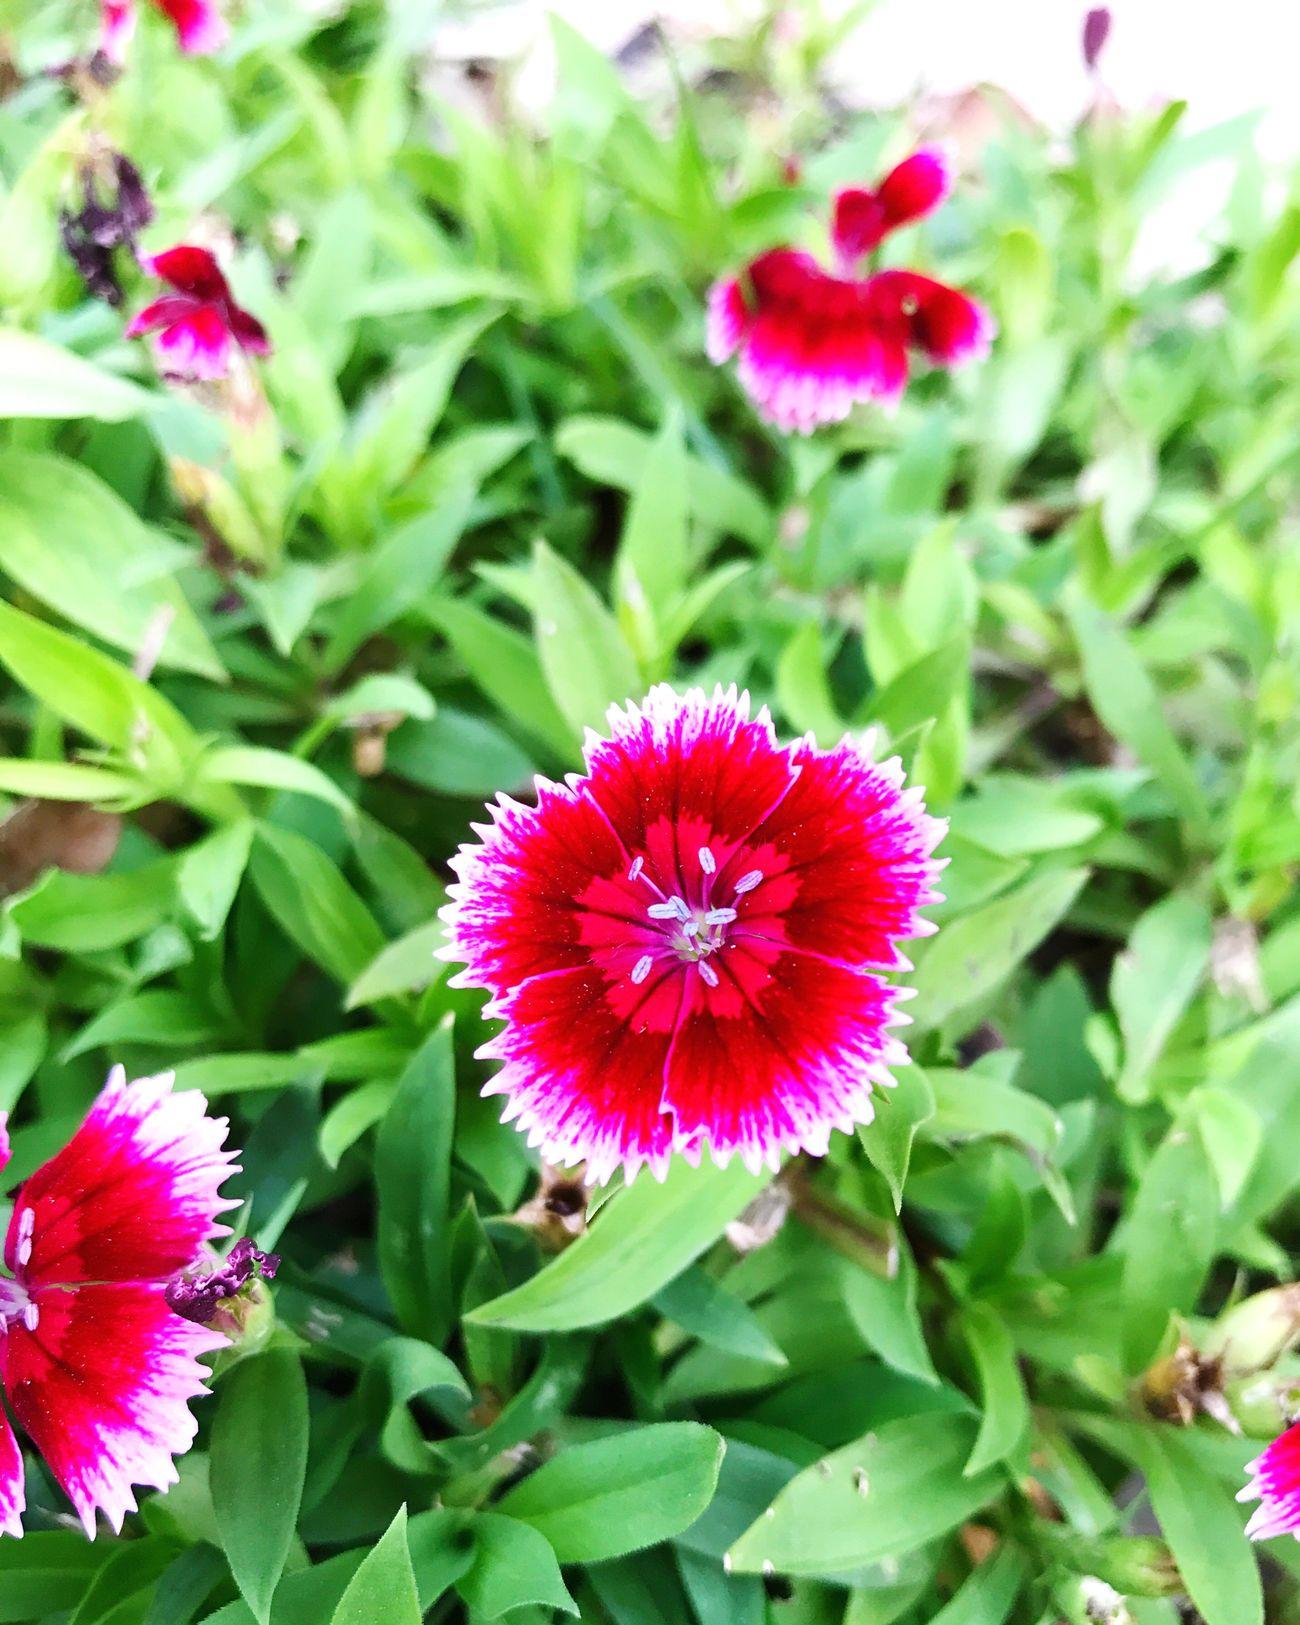 物 Flower Growth Fragility Beauty In Nature Nature Petal Plant Flower Head Freshness Day Leaf Blooming Green Color Outdoors No People High Angle View Pink Color Close-up Zinnia  BEIJING北京CHINA中国BEAUTY